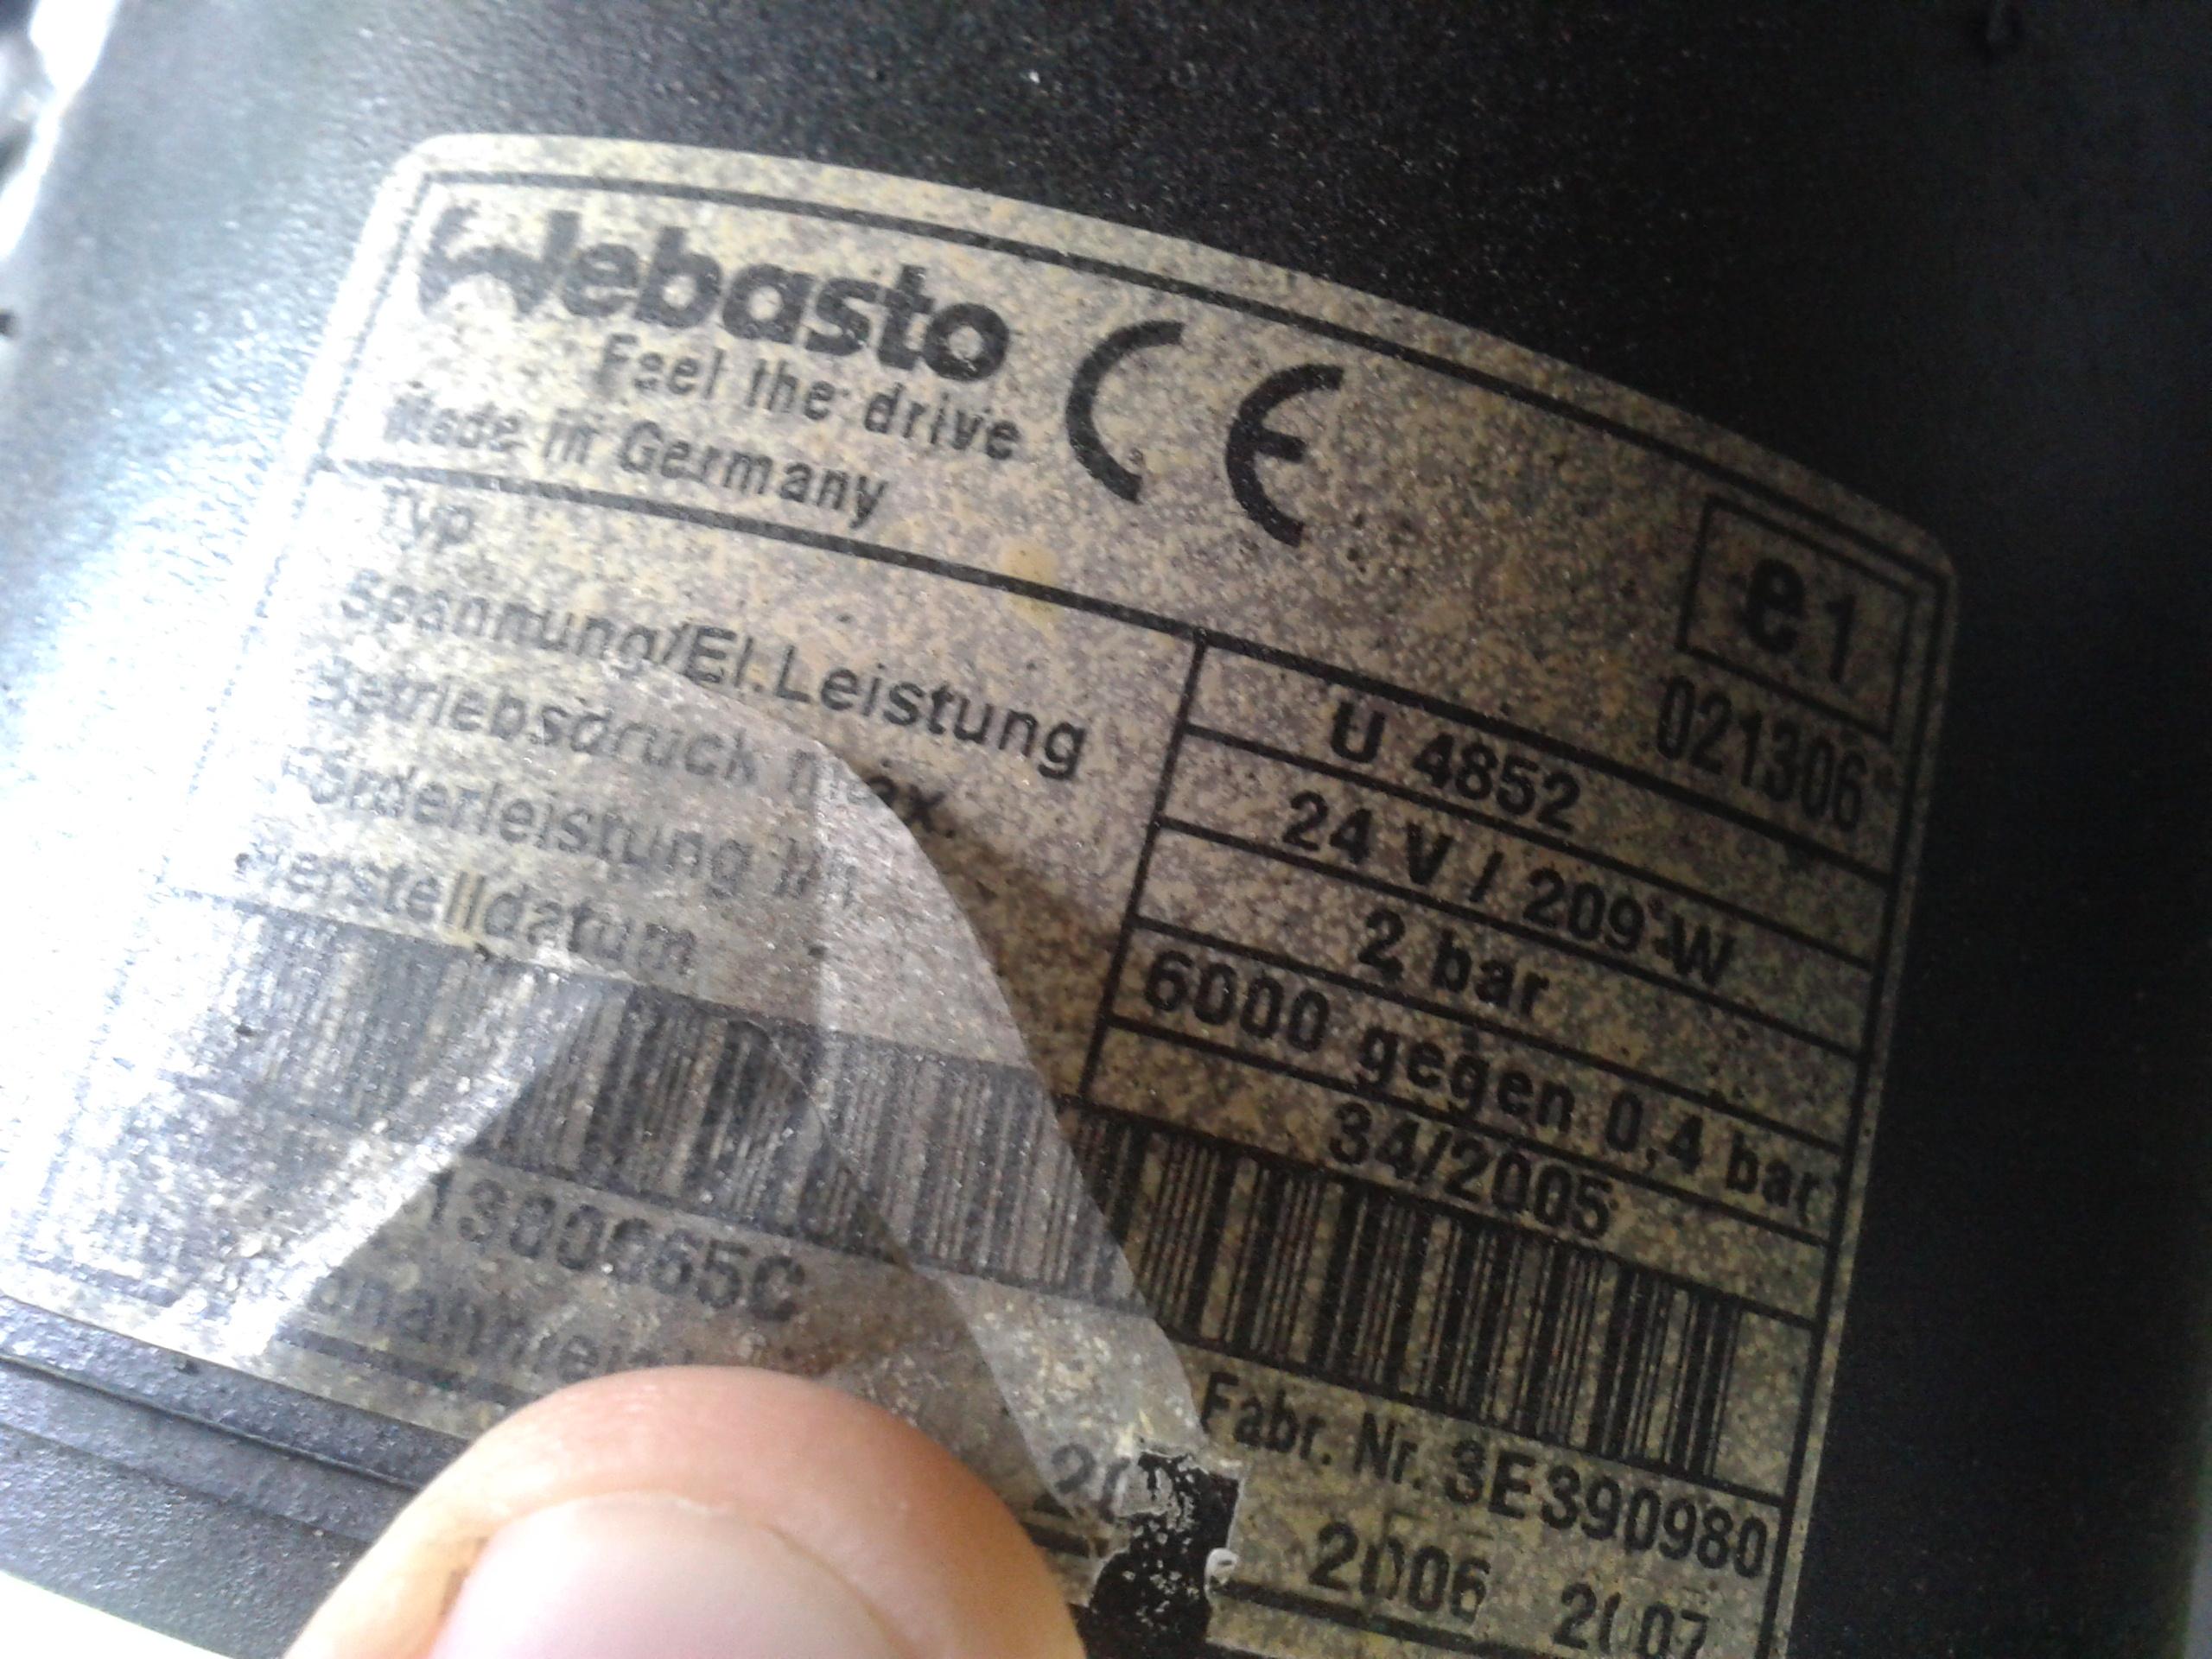 Mercedes Tourismo 0350 2006r - Nie odpala WEBASTO